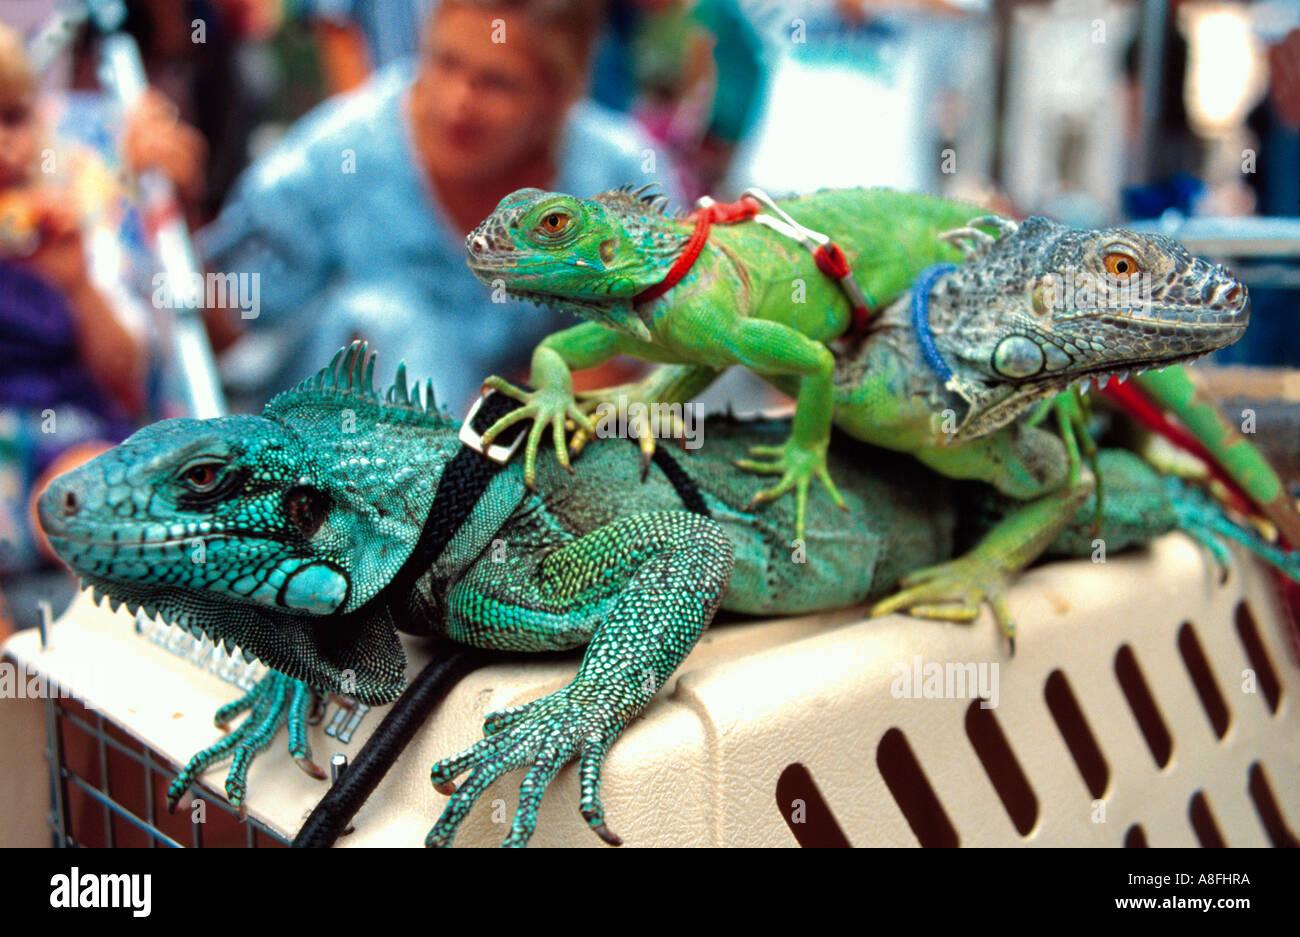 Iguanas/lagartos con correa en la parte superior de la jaula, Nueva York, EE.UU. Imagen De Stock